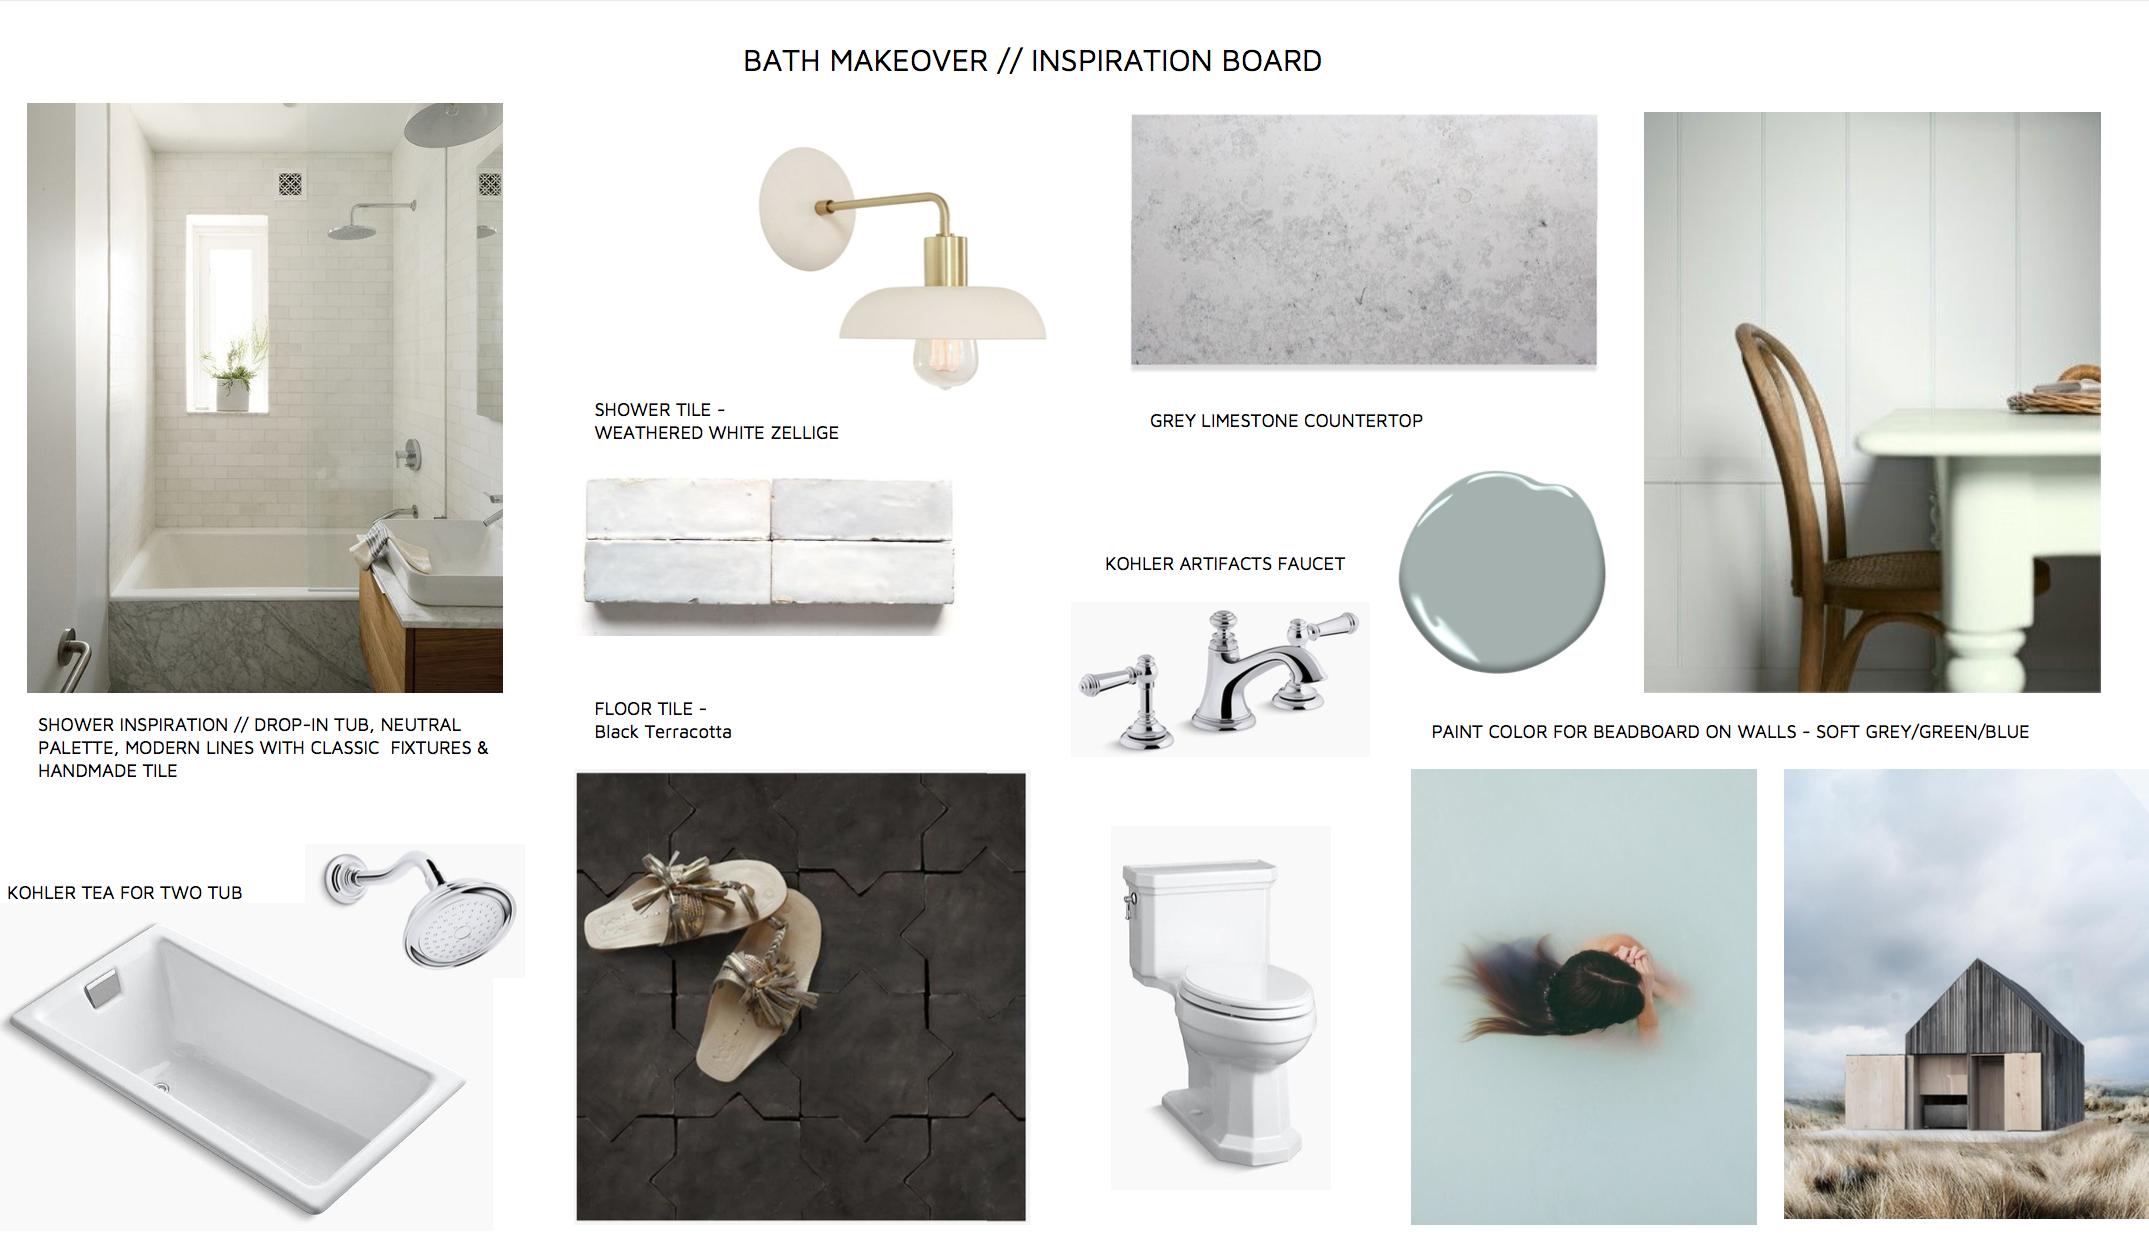 designer lauren nelson's inspiration for her bathroom makeover